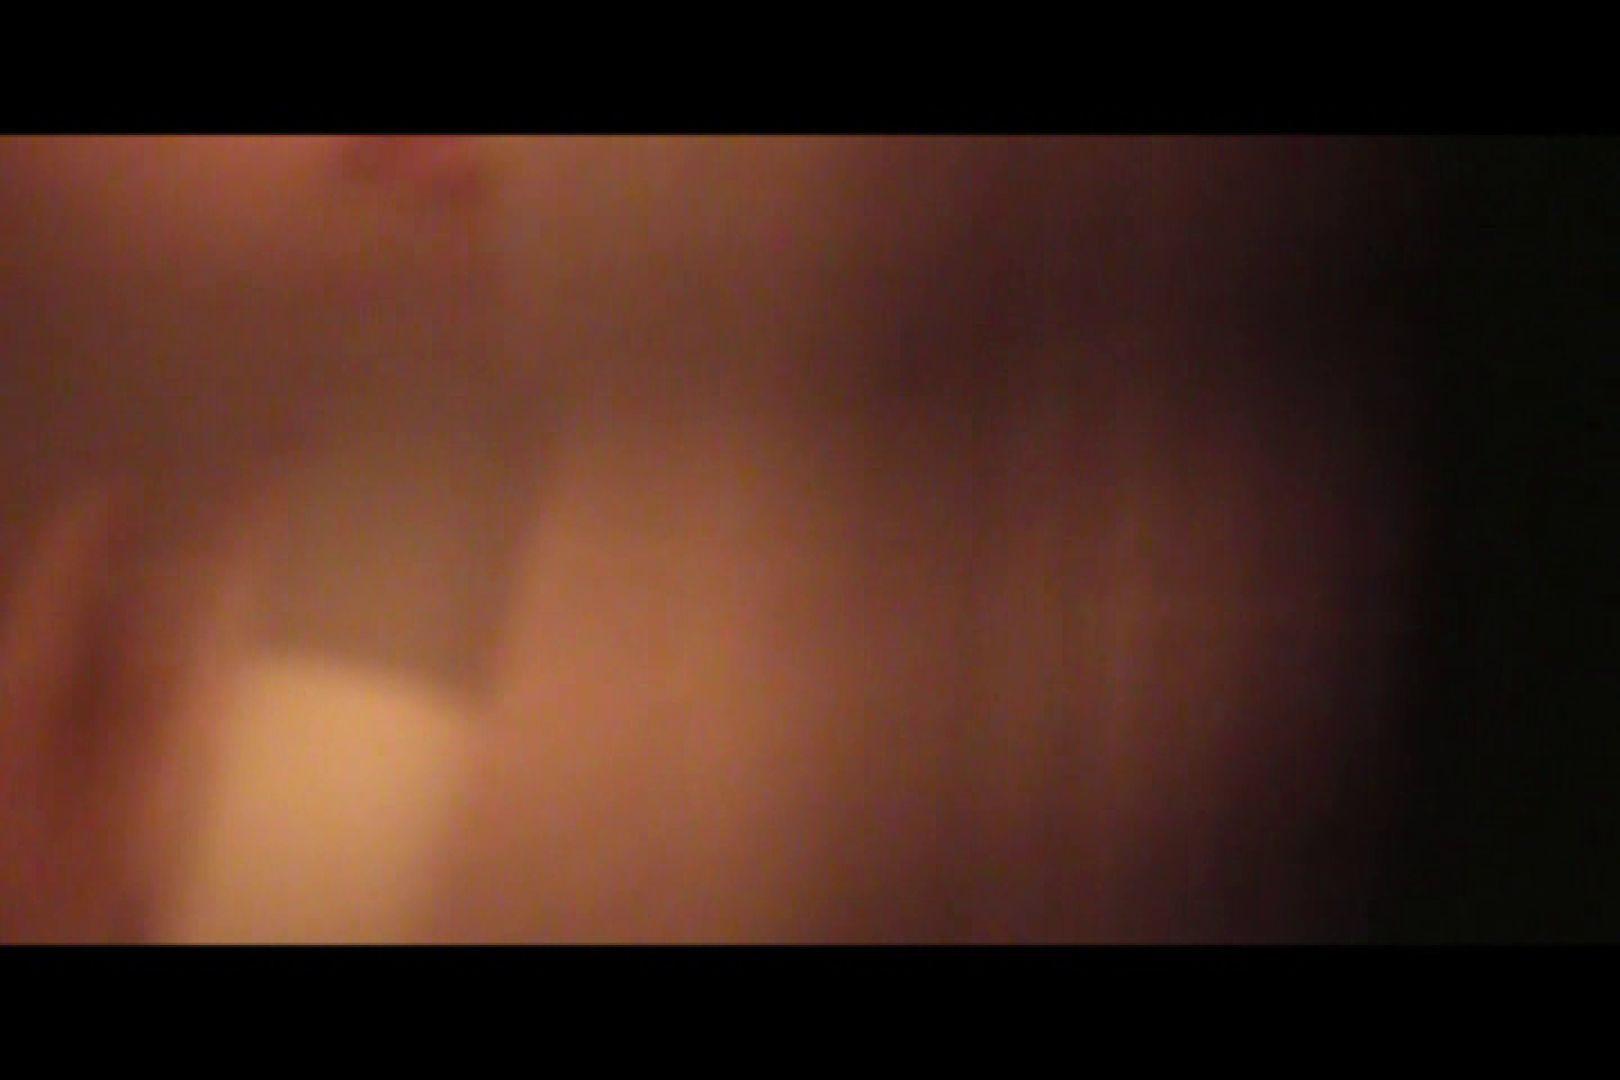 投稿者ハイロスさんのドキドキ覗き主観!VOL.01(一般女性5名 民家浴場編) 覗き ぱこり動画紹介 96pic 7